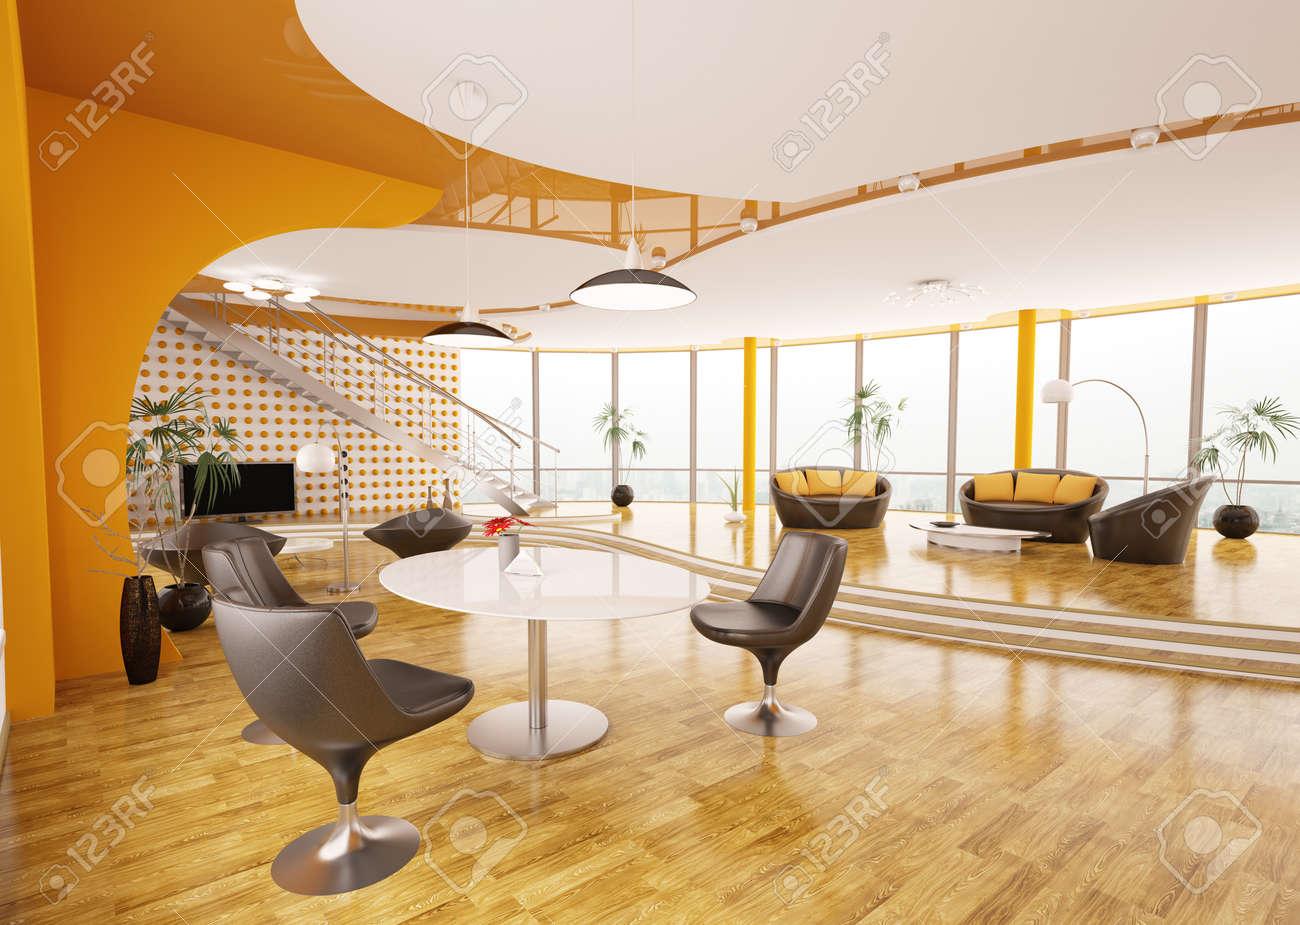 Interieur design moderner wohnung urbanen stil  Interieur Design Moderner Wohnung Urbanen Stil Interieur Design In ...